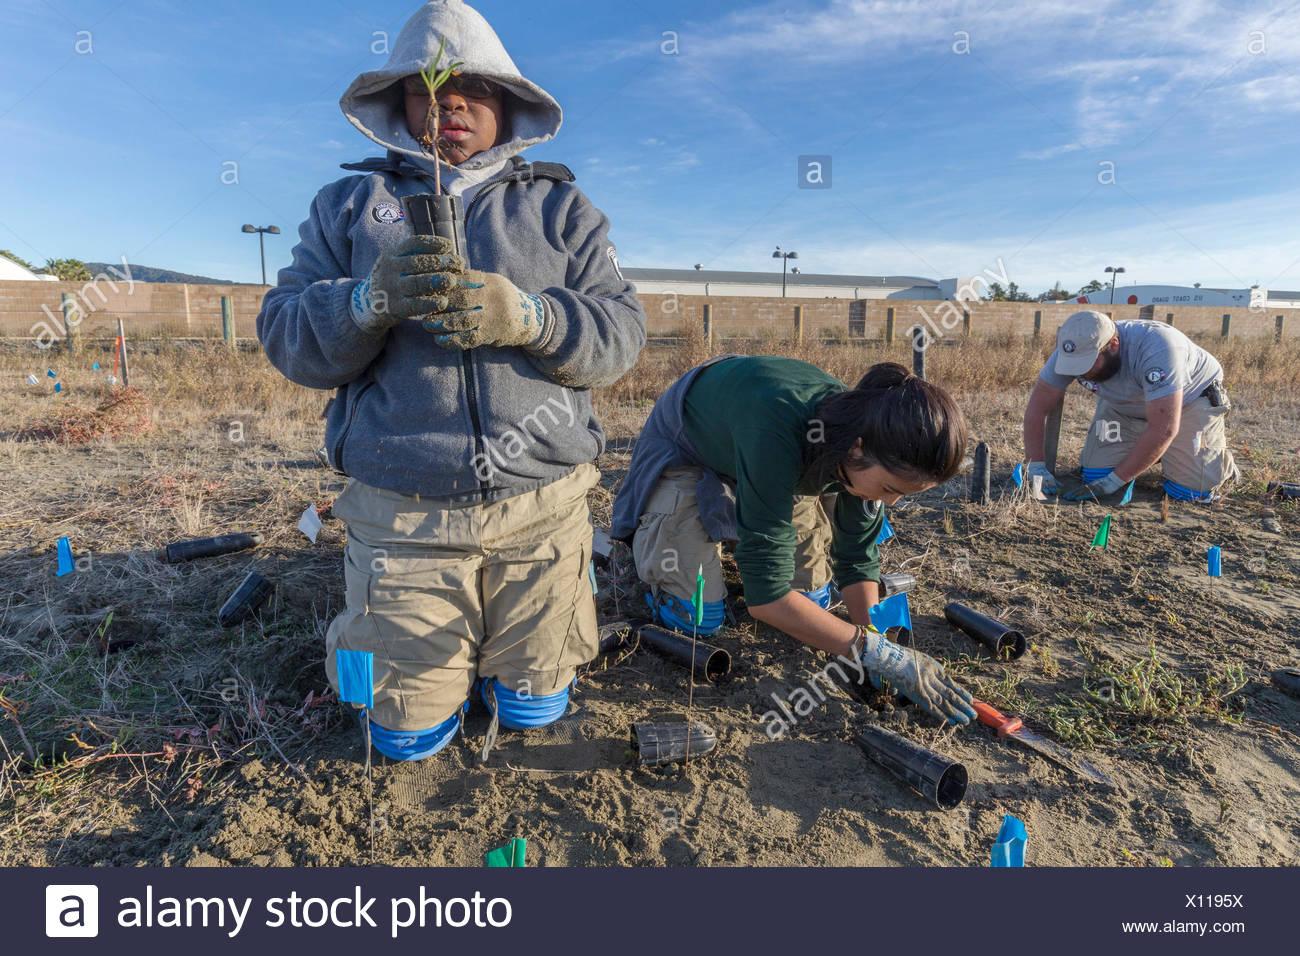 Tres voluntarios de americorps plantar especies nativas de los humedales en el pantano de marea campo hamilton restaurado,novato,California,Estados Unidos Imagen De Stock